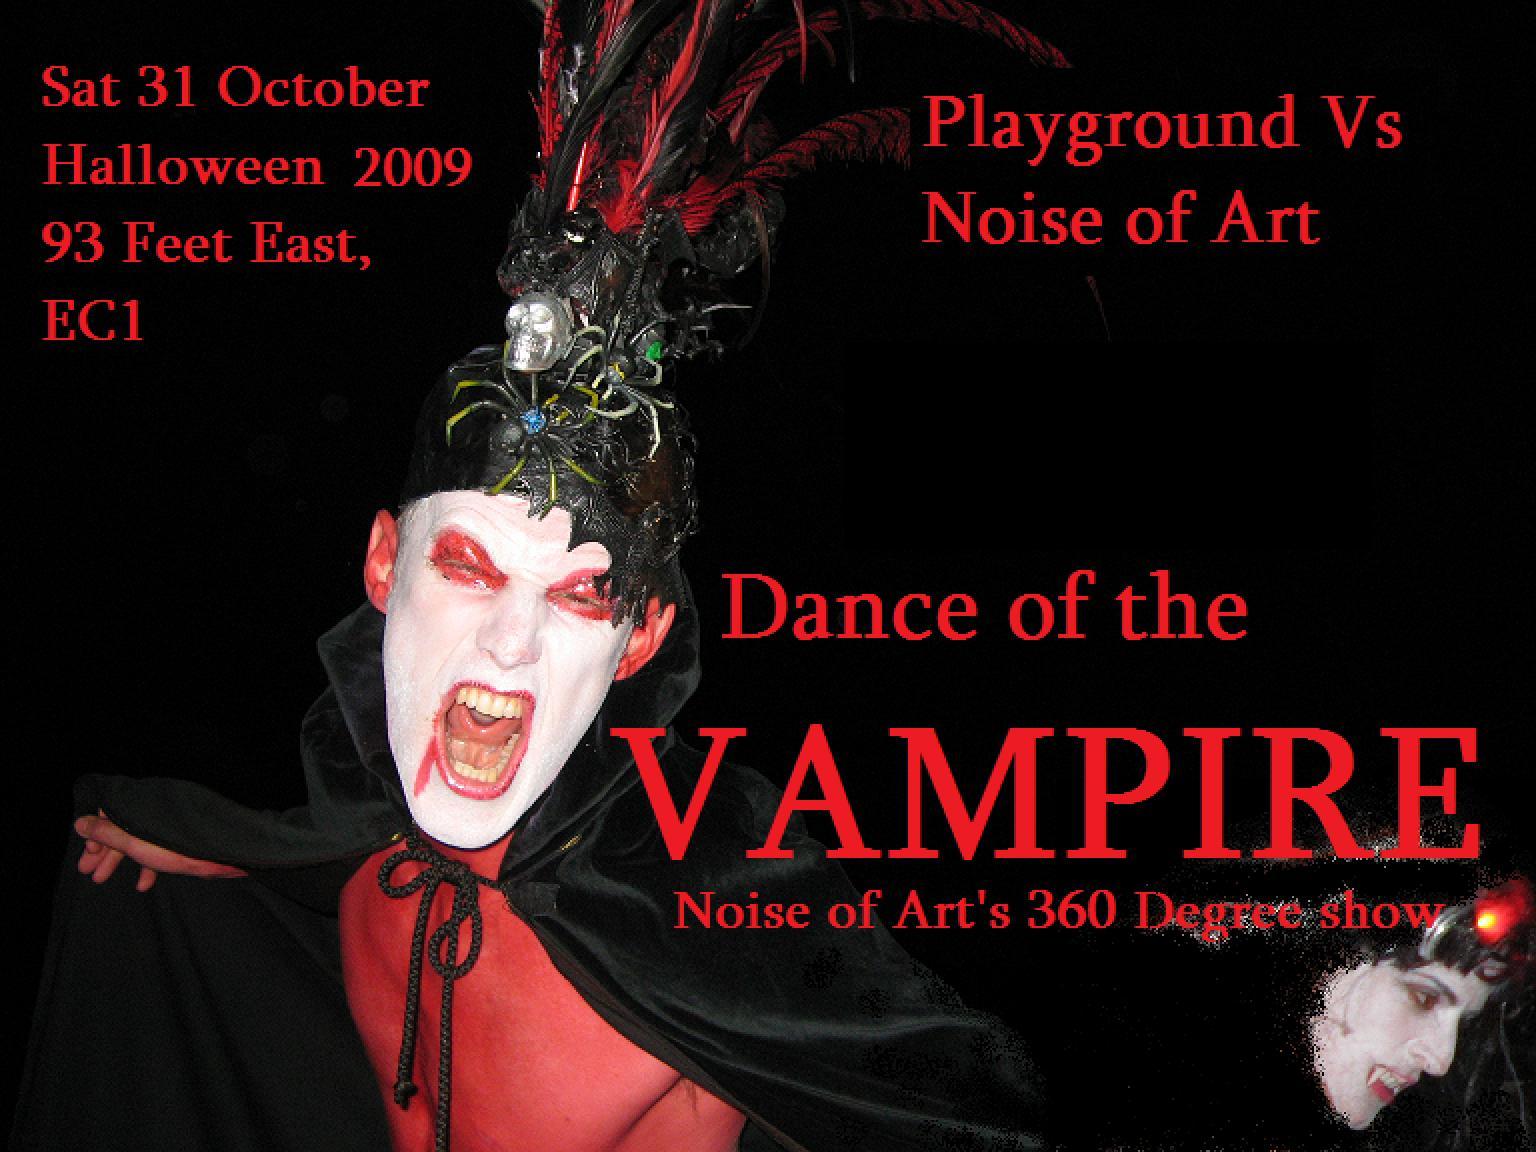 Ben Osborne DJ set at Dance of the Vampires